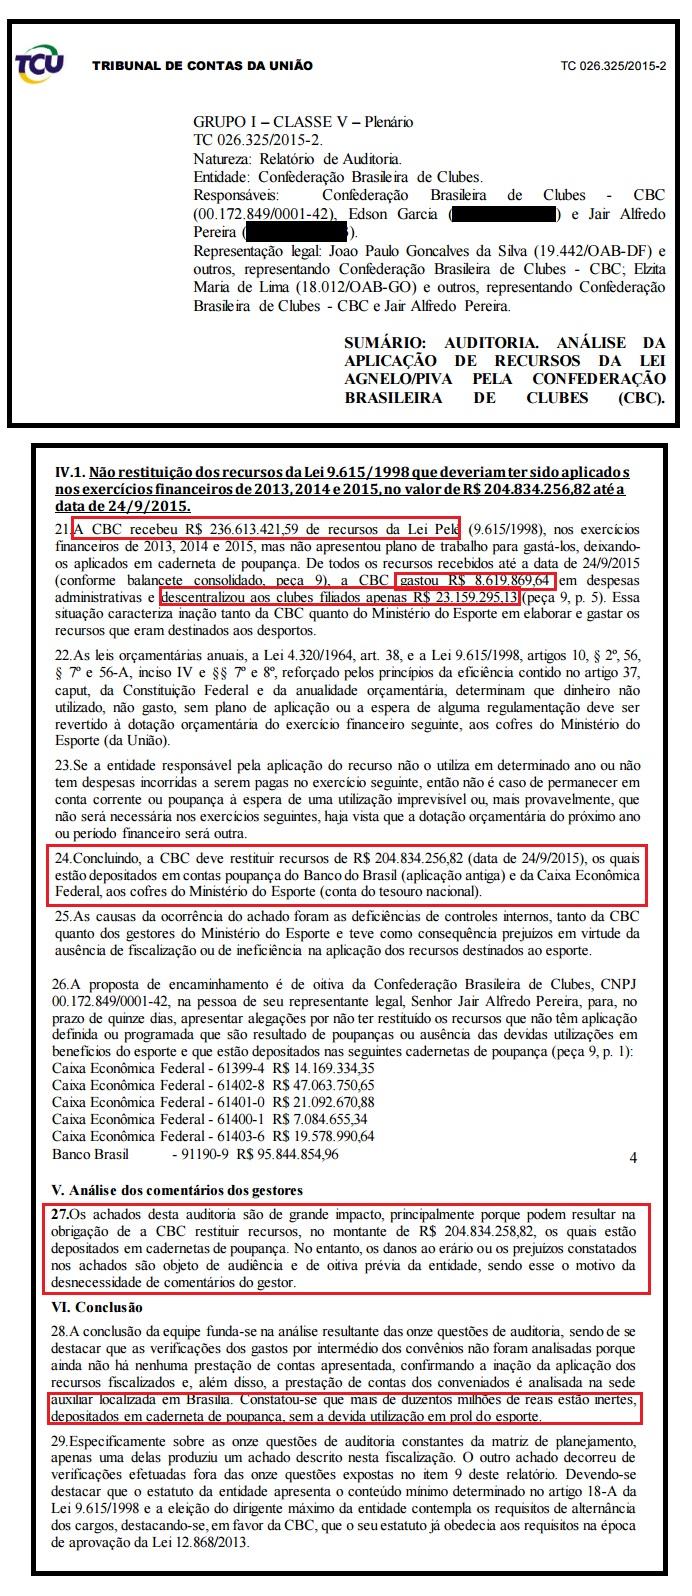 Confederação de Clubes aplicou R$ 204 milhões em contas poupança